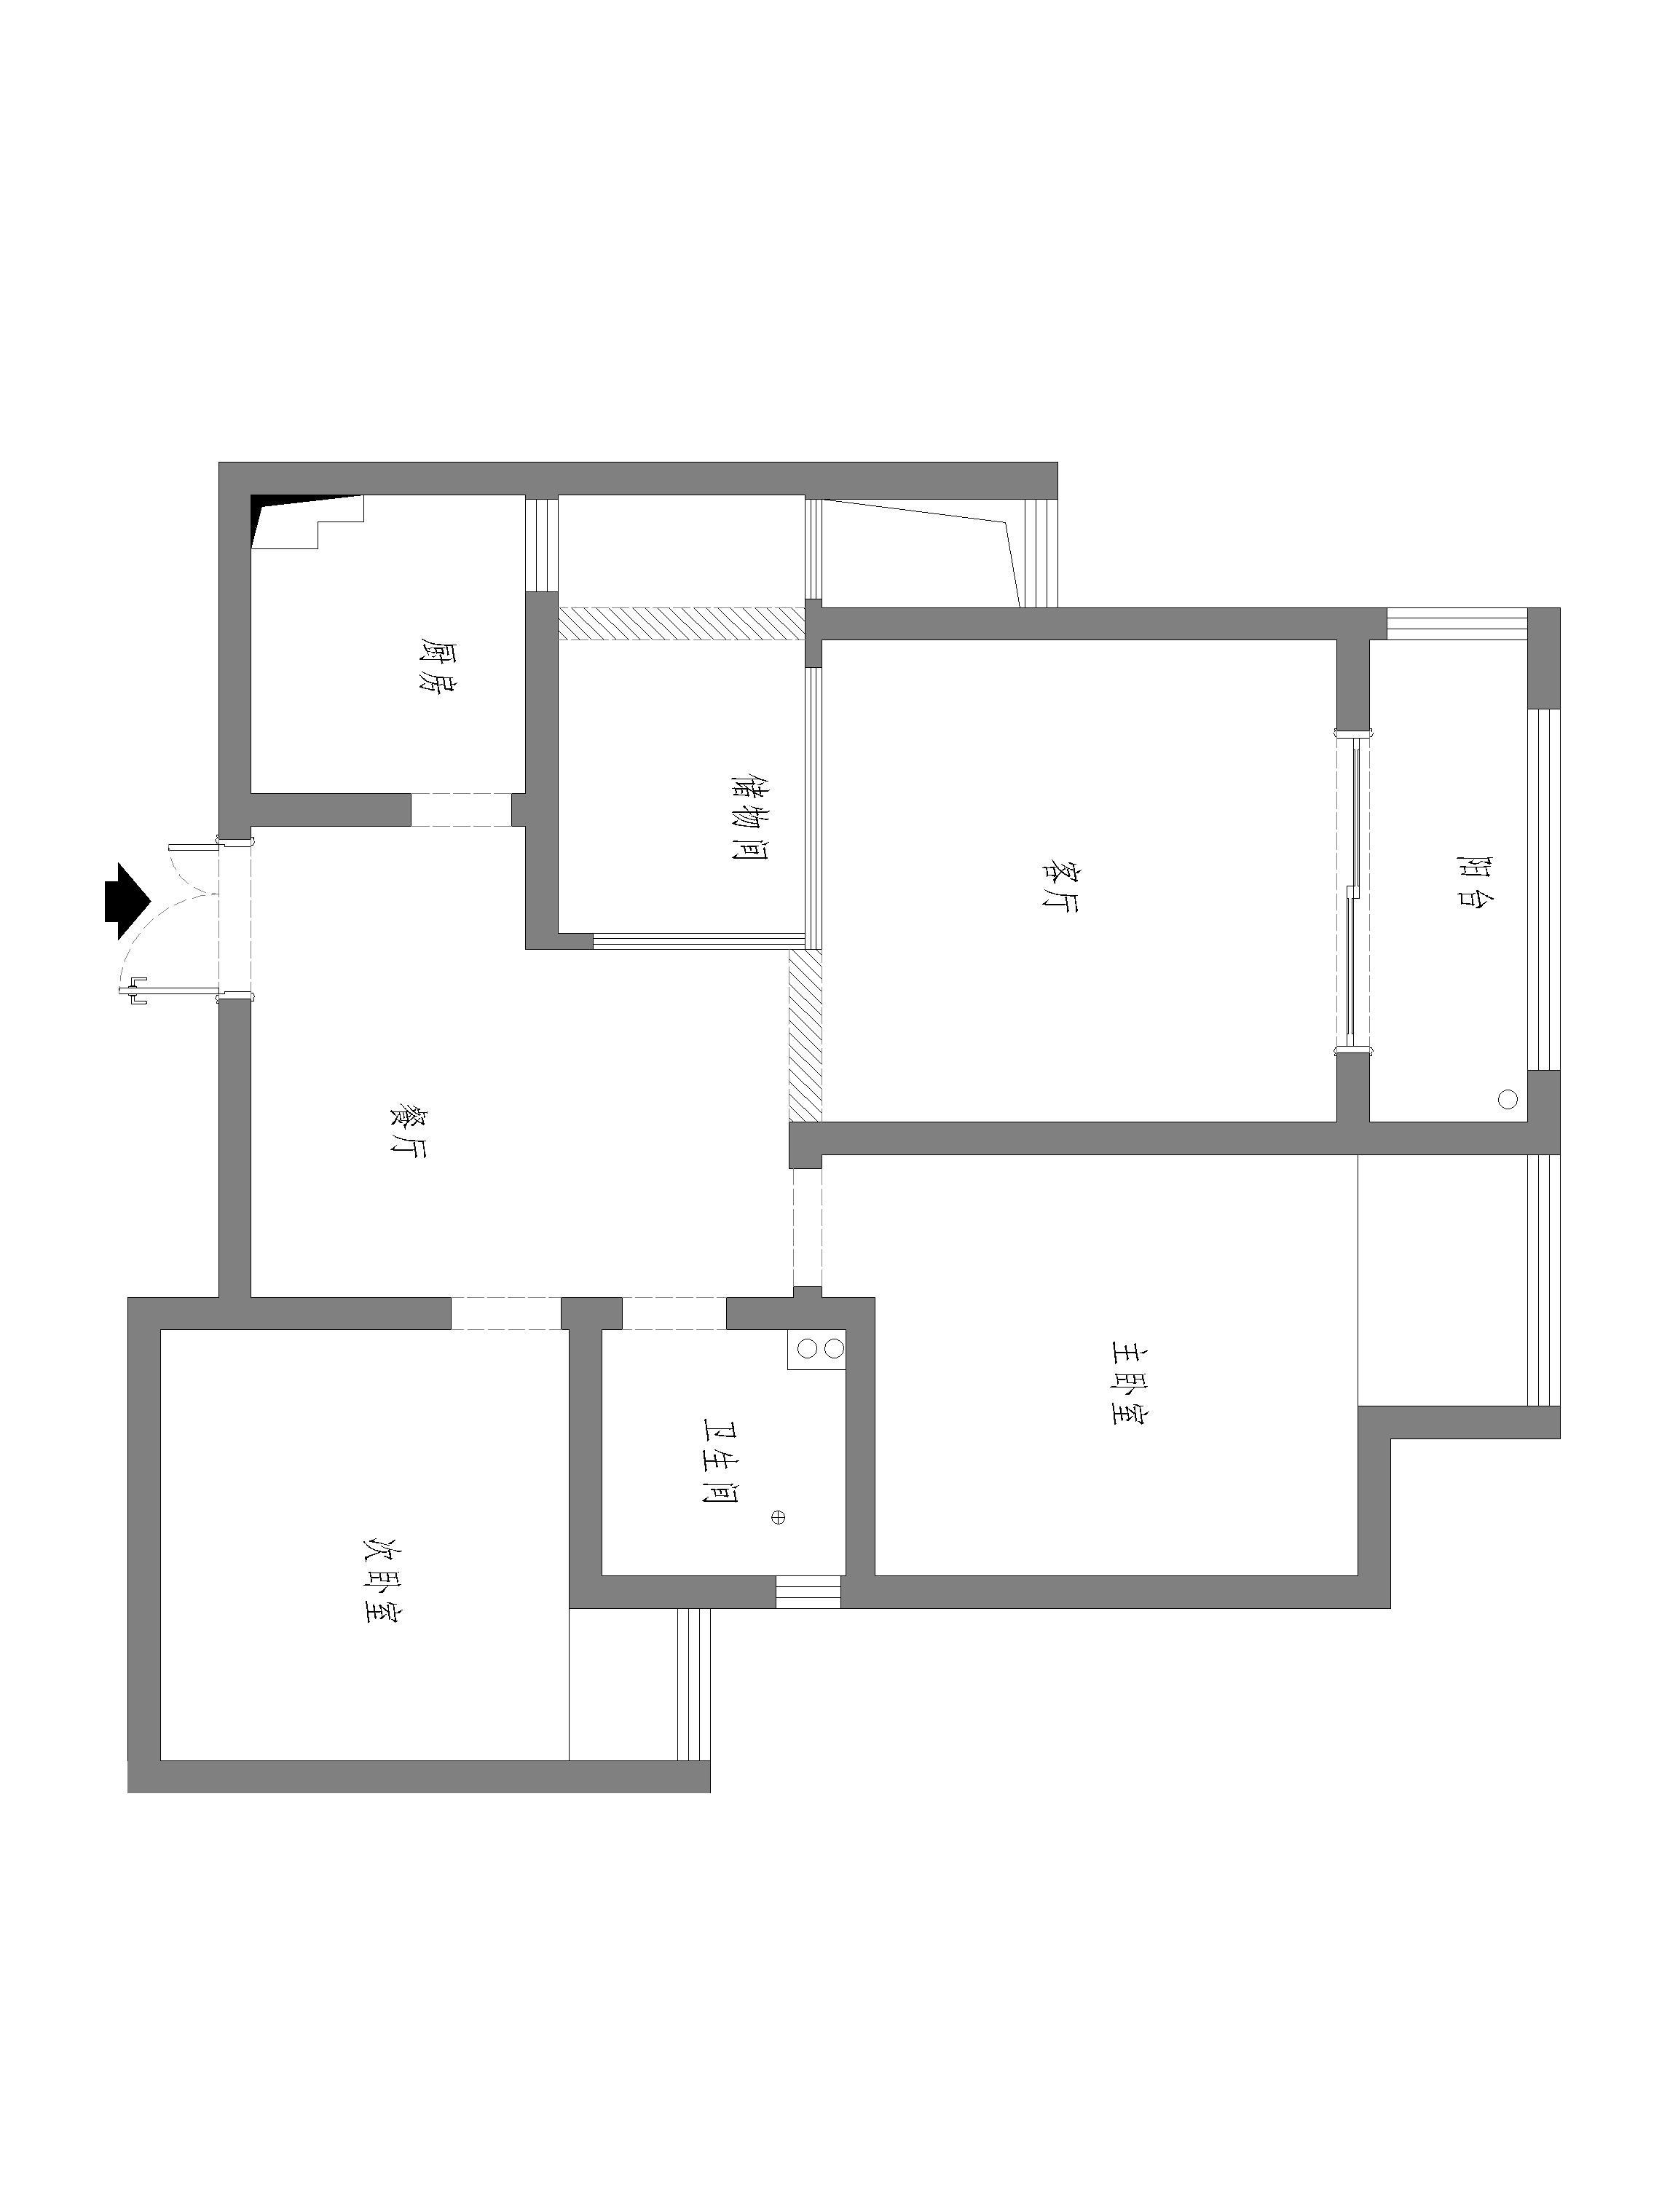 蓝鼎·滨湖假日清华园-86平米-现代简约风格装修案例效果图装修设计理念